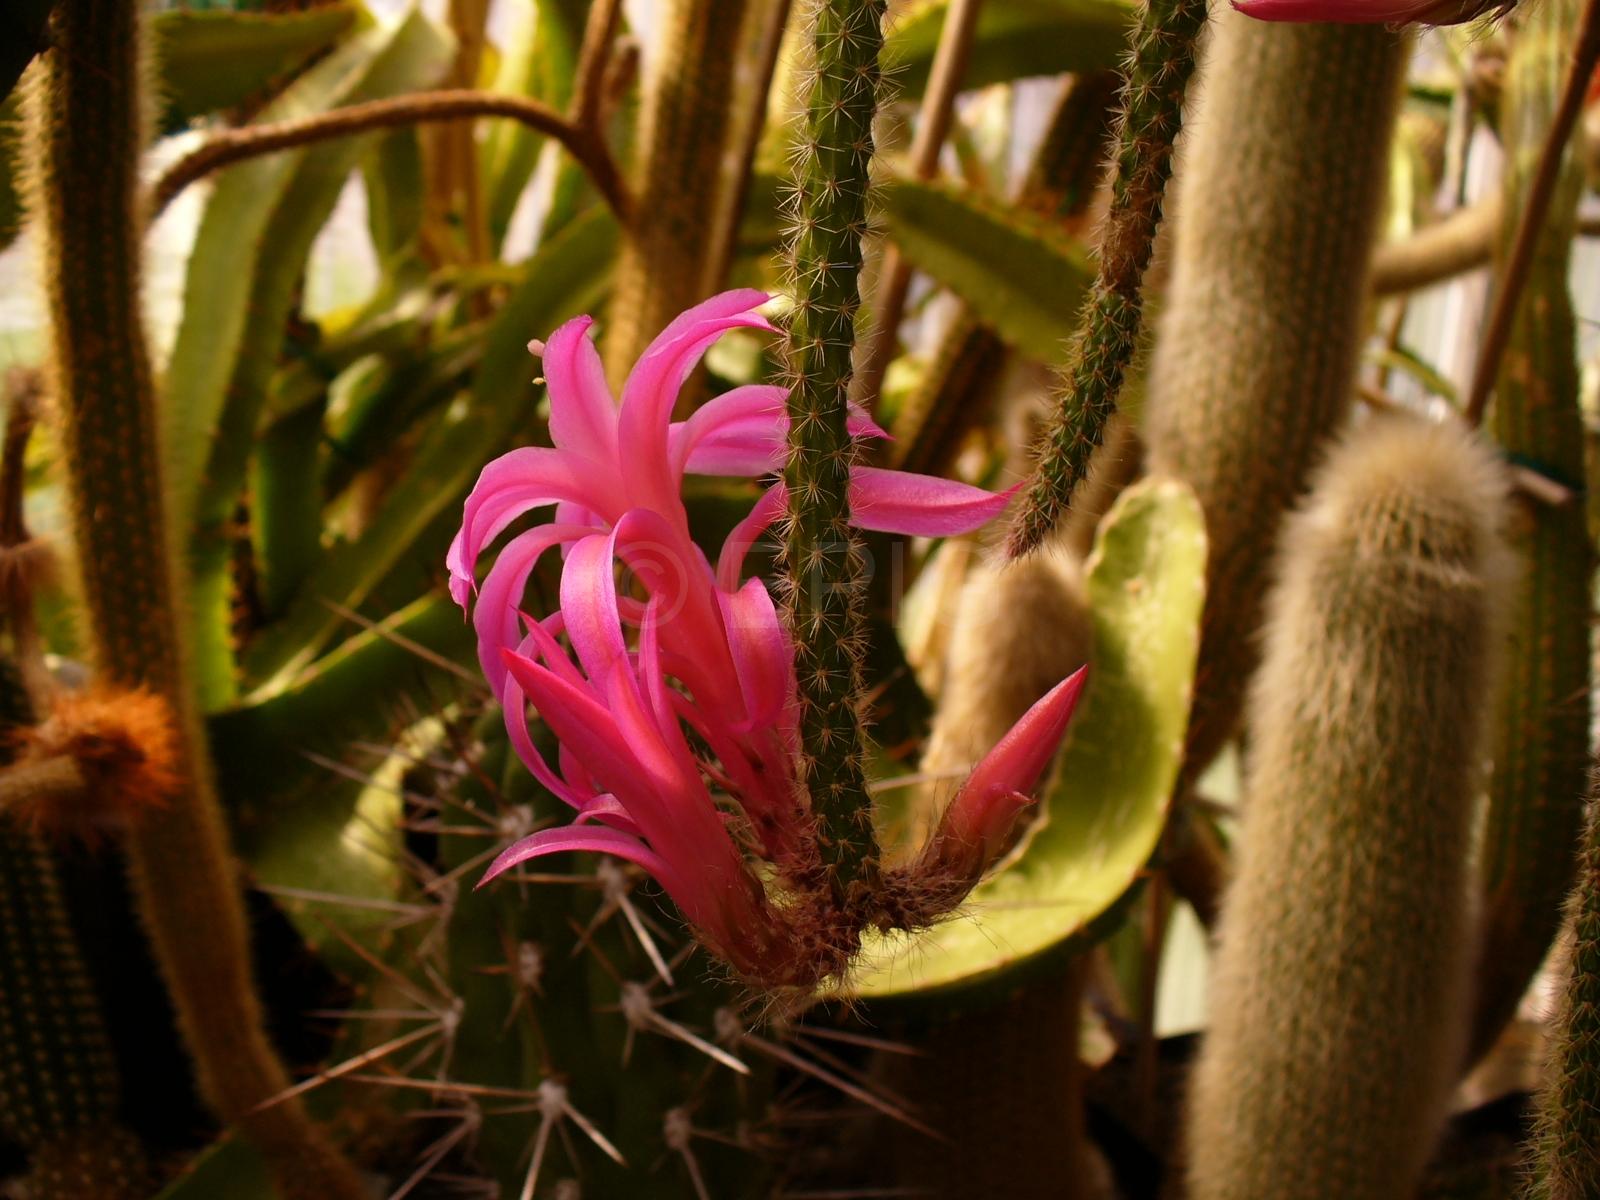 Aporocactus-flagelliformis-1819-3